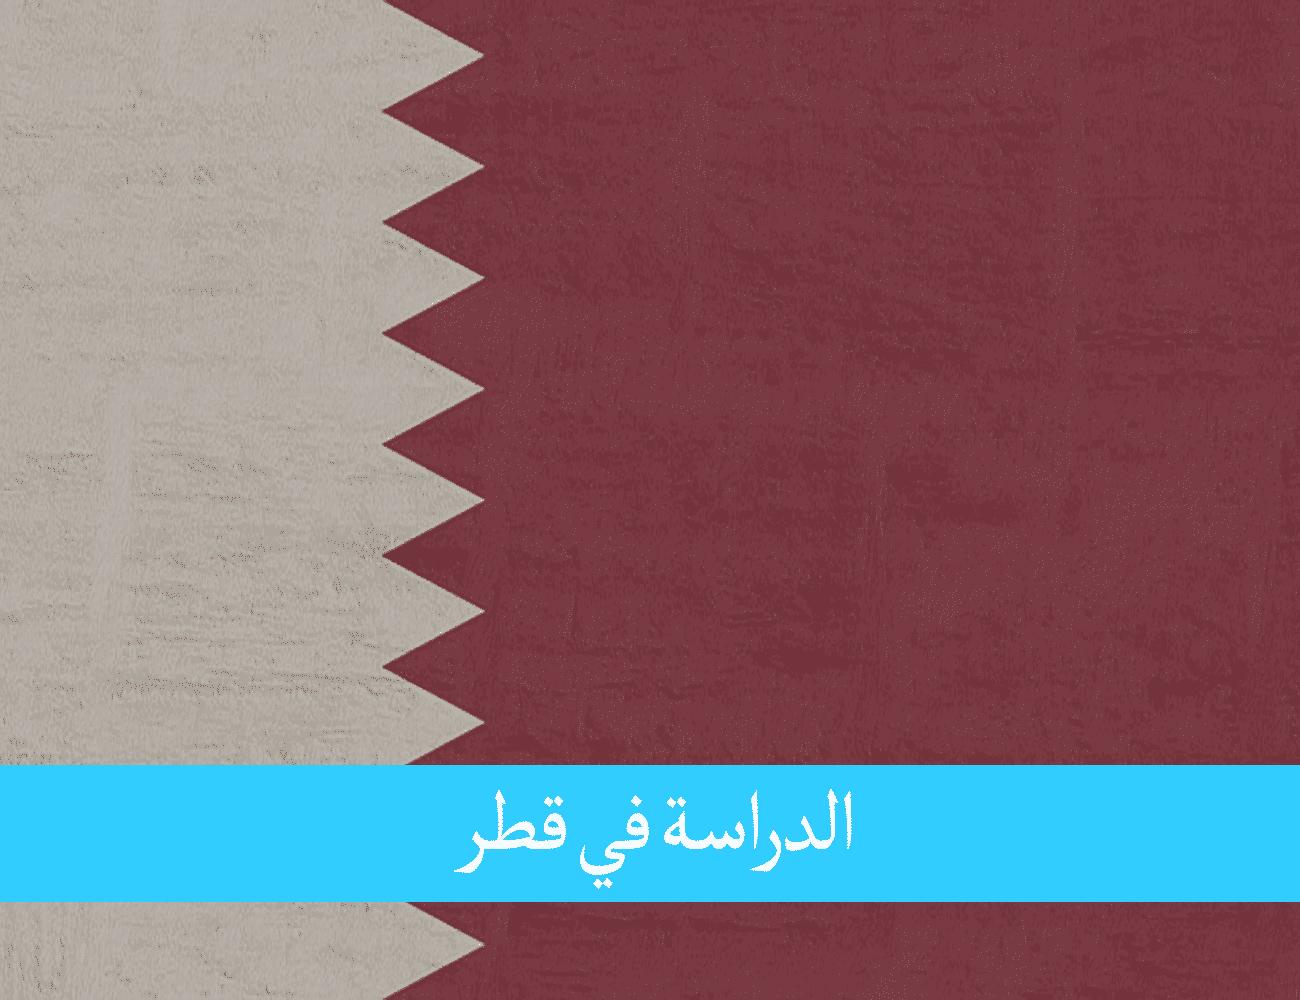 الدراسة في قطر للمغاربة حيث الإستثمار الكبير في التعليم العالي